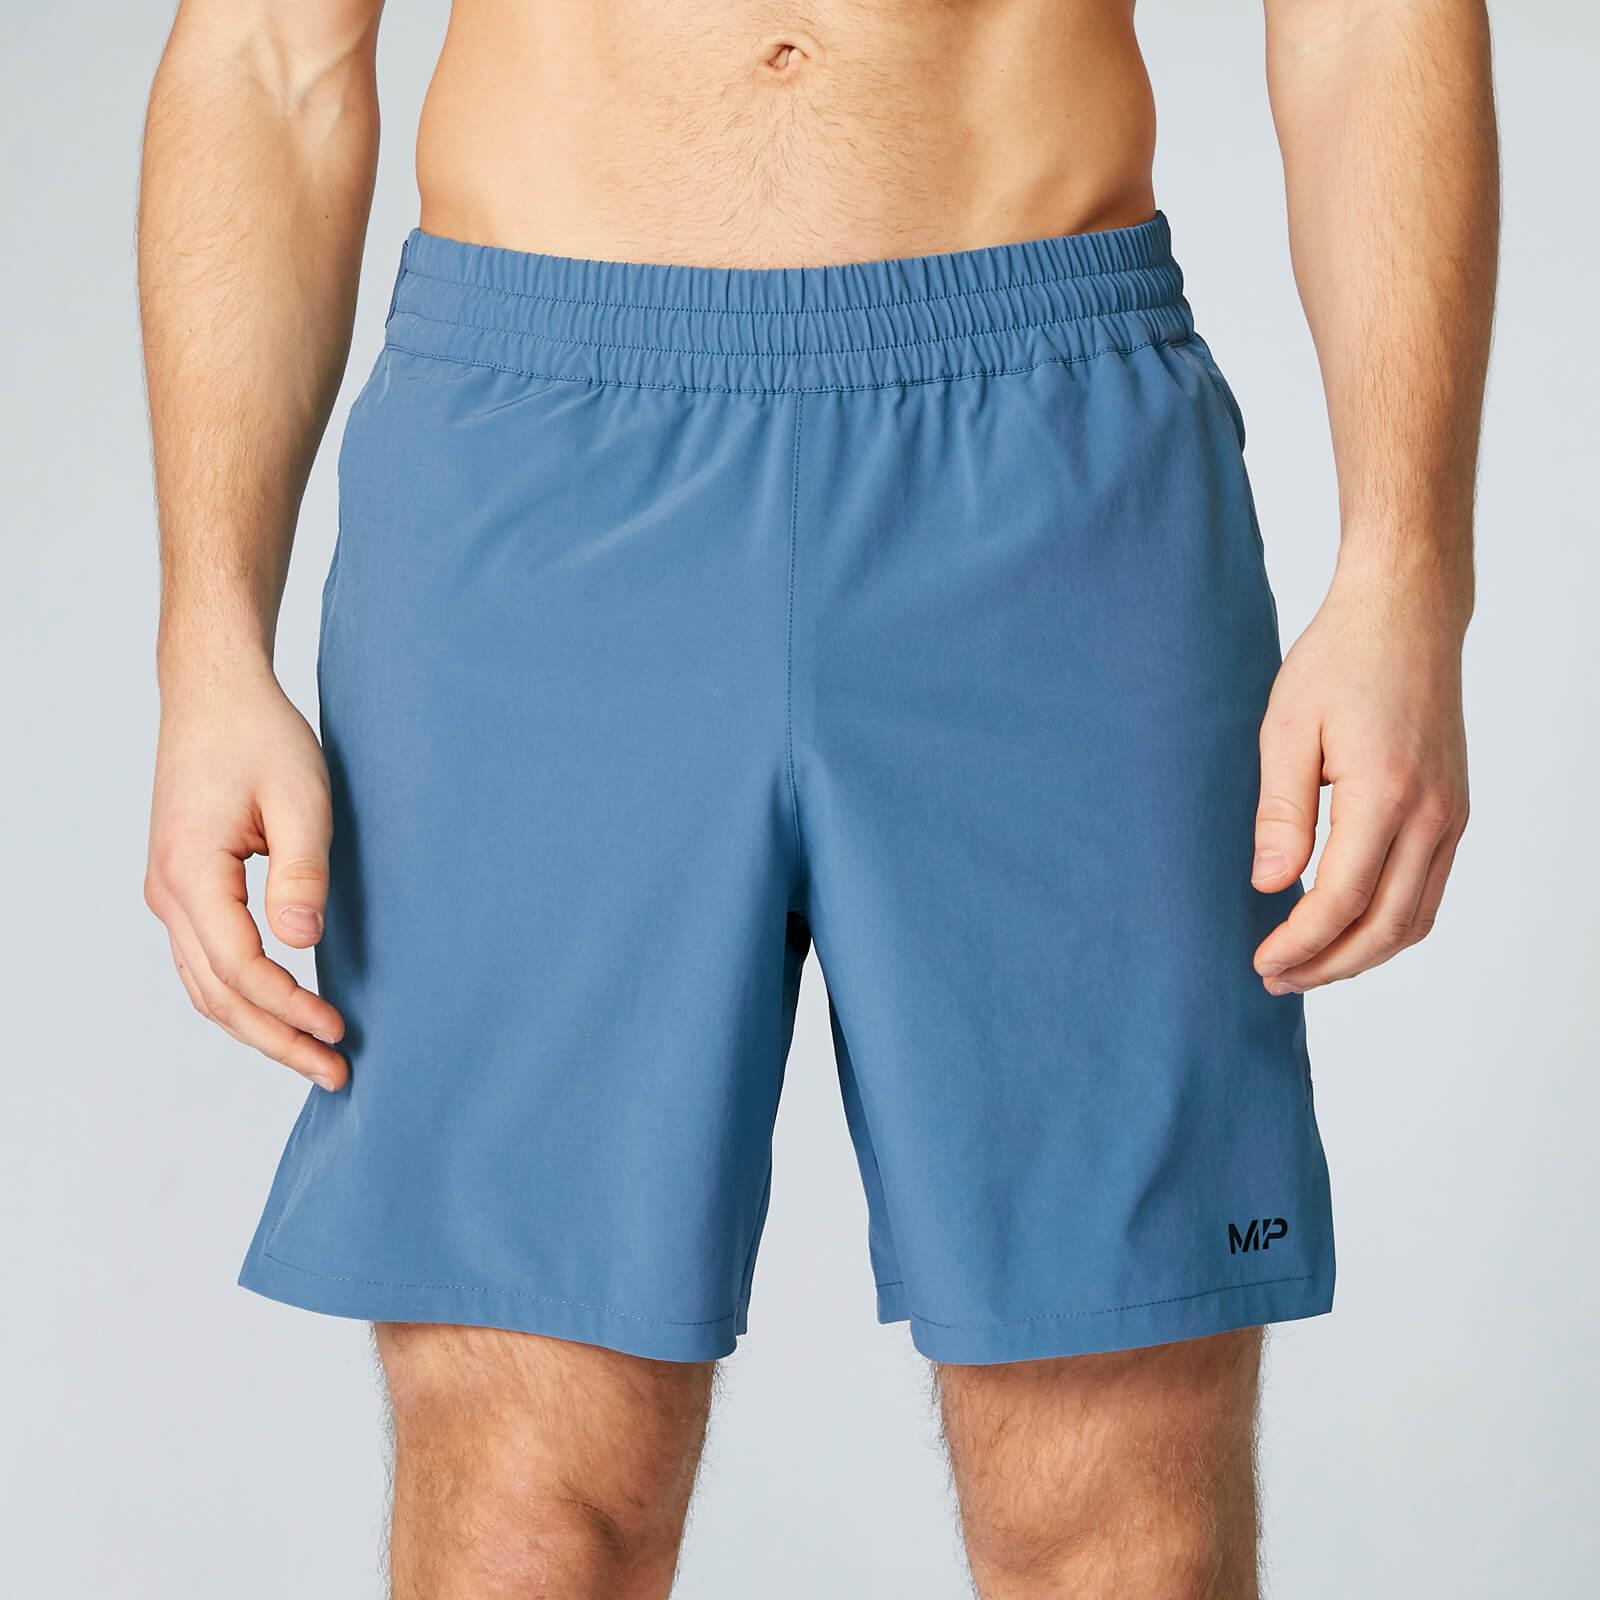 Myprotein Sprint 7 Inch Shorts - Legion Blue - S